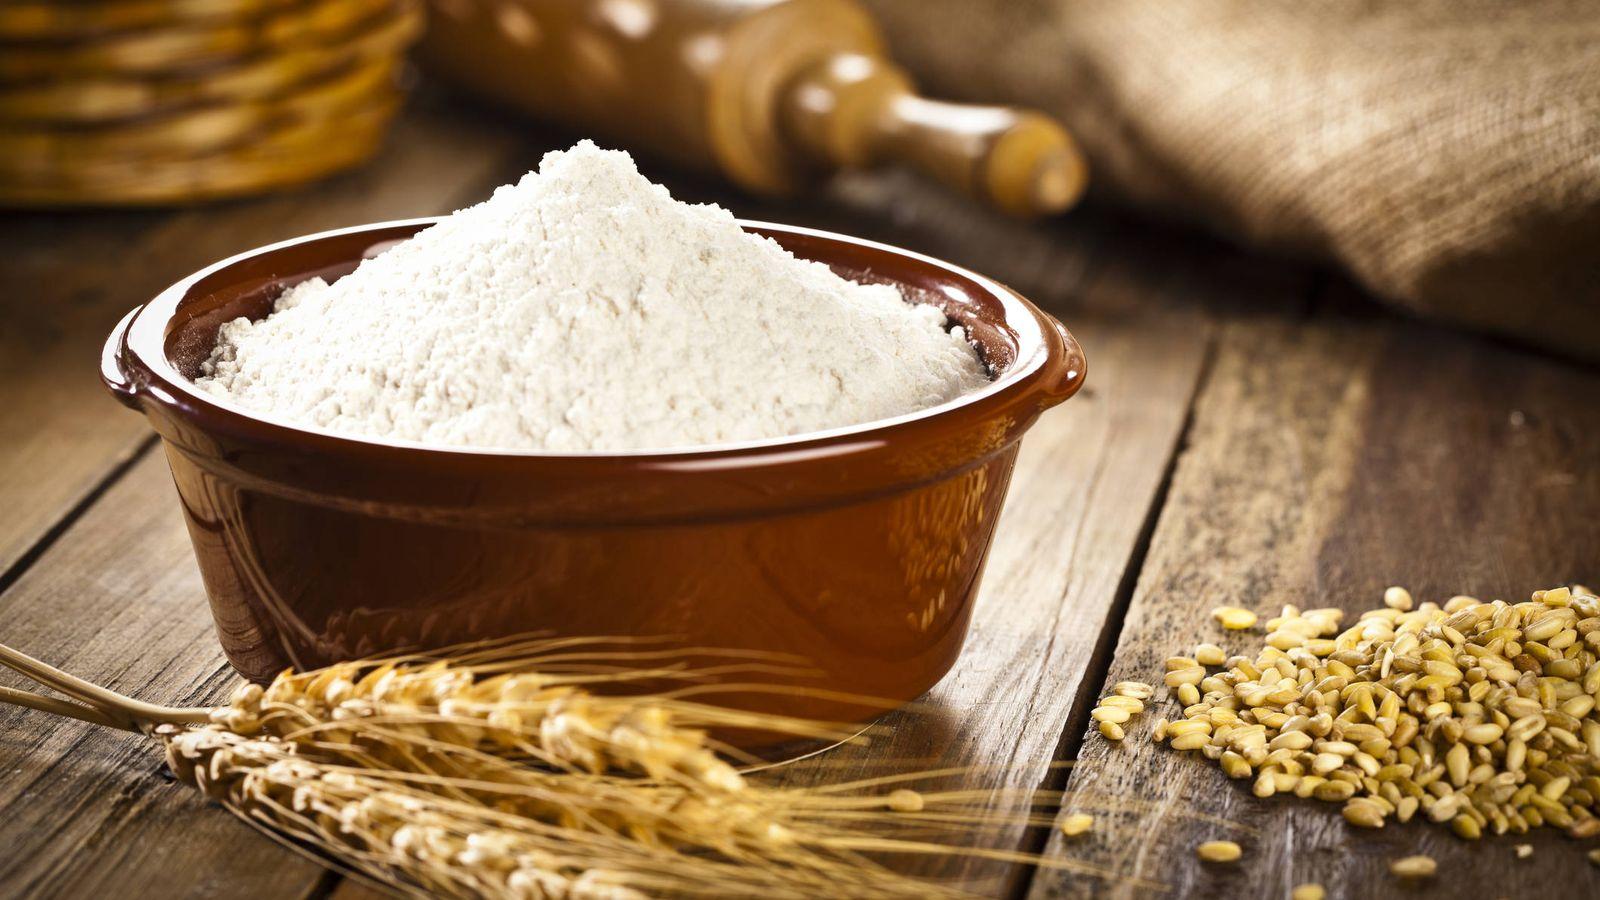 Nutrientes: Las harinas refinadas: qué son y por qué debes evitarlas